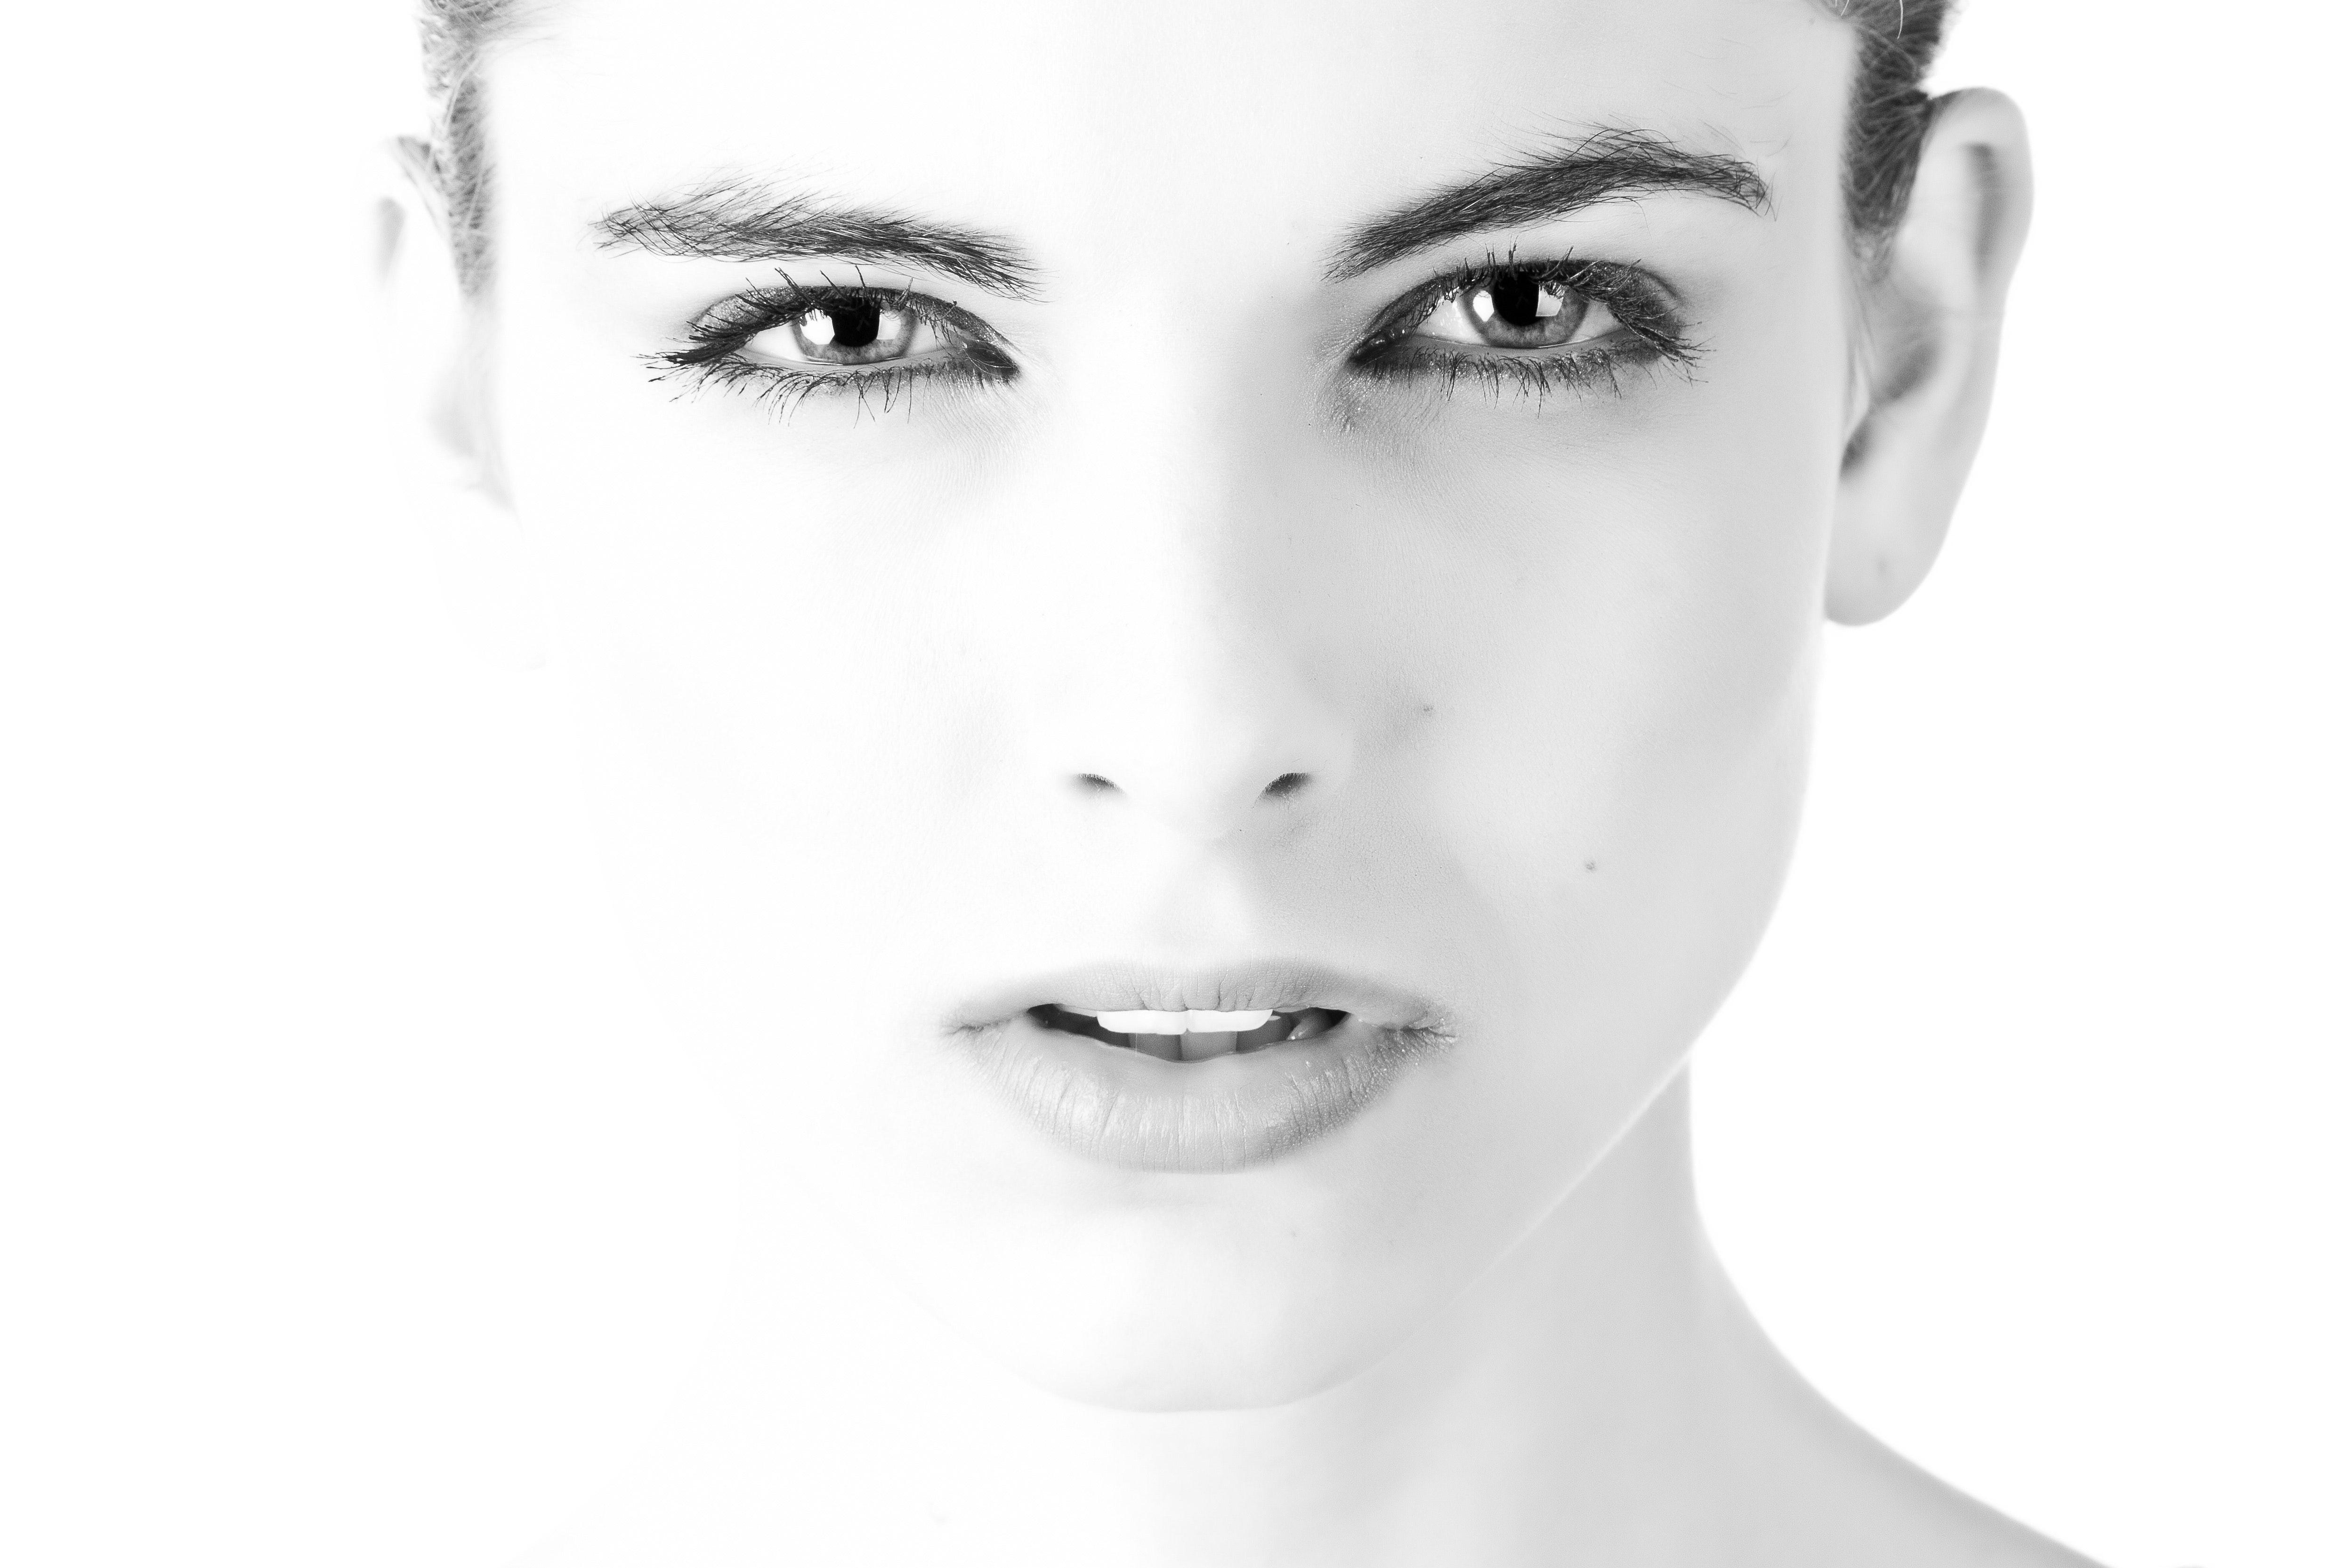 Chirurgia plastyczna: Jak przebiega operacja nosa?